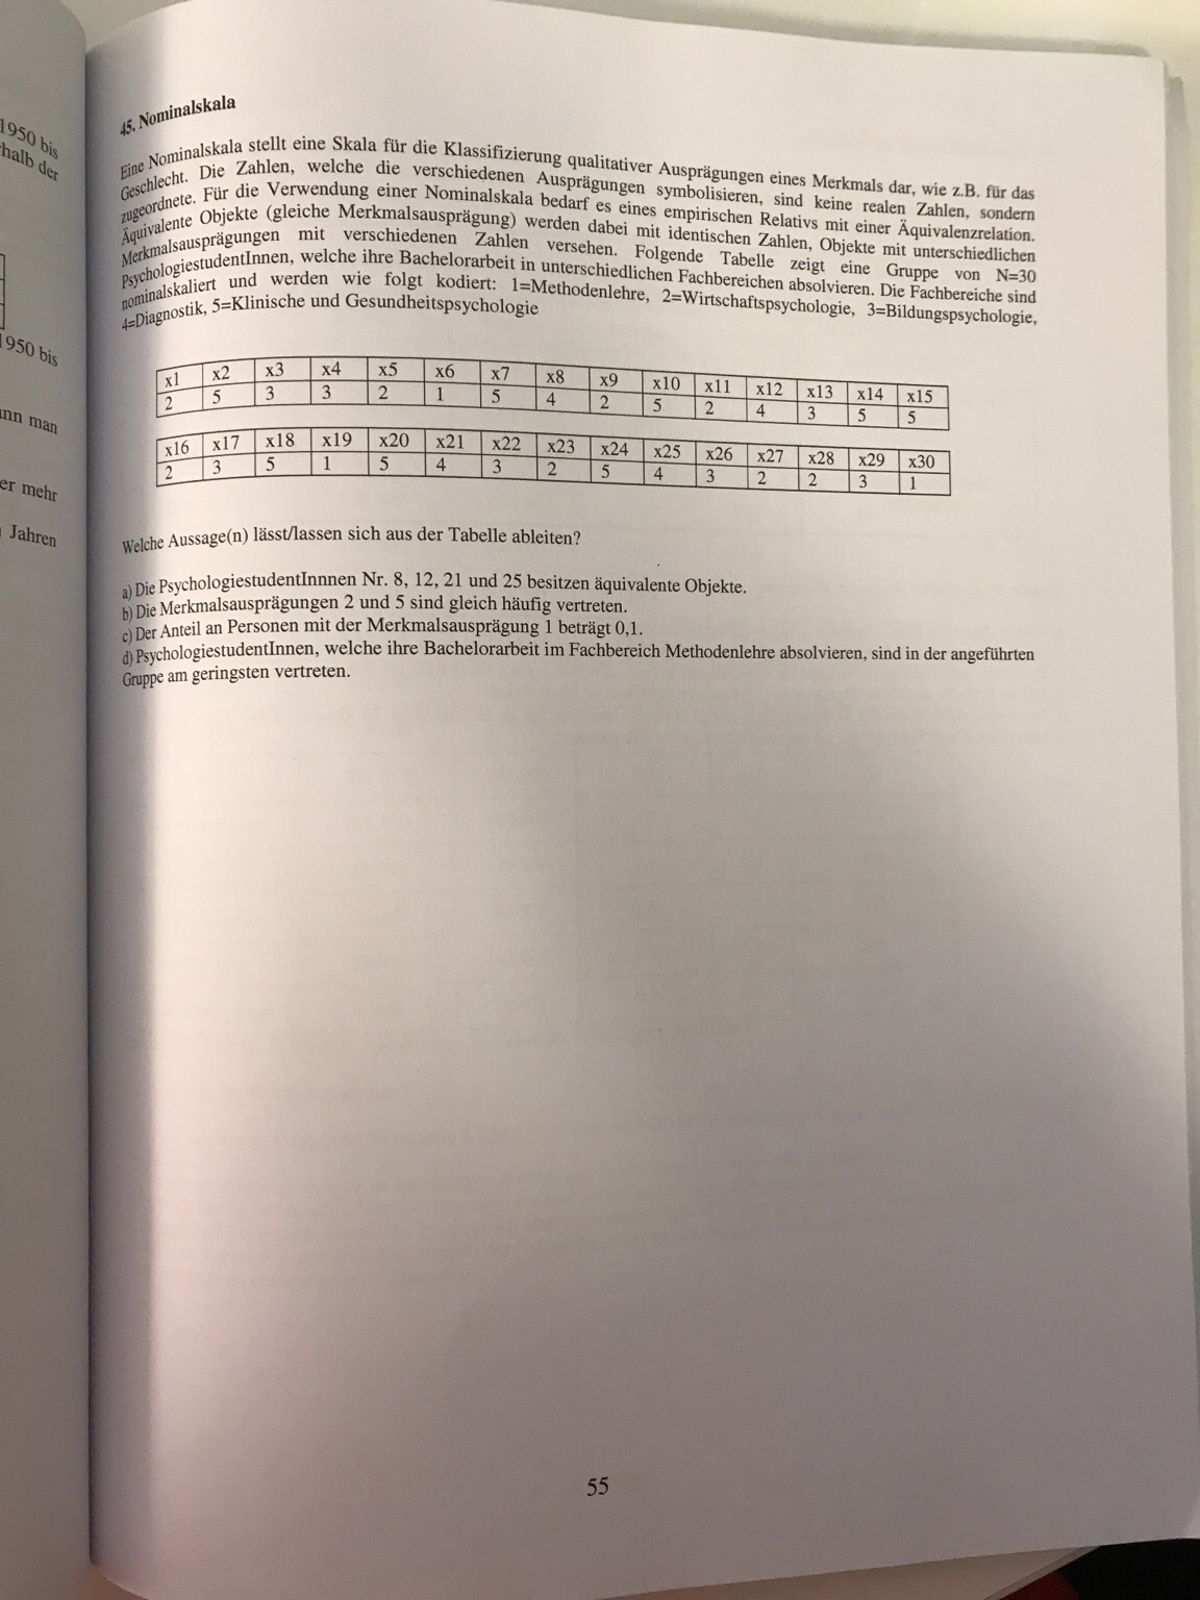 Formal Analytisches Denken In 1020 Wien Fur 20 00 Zum Verkauf Shpock At